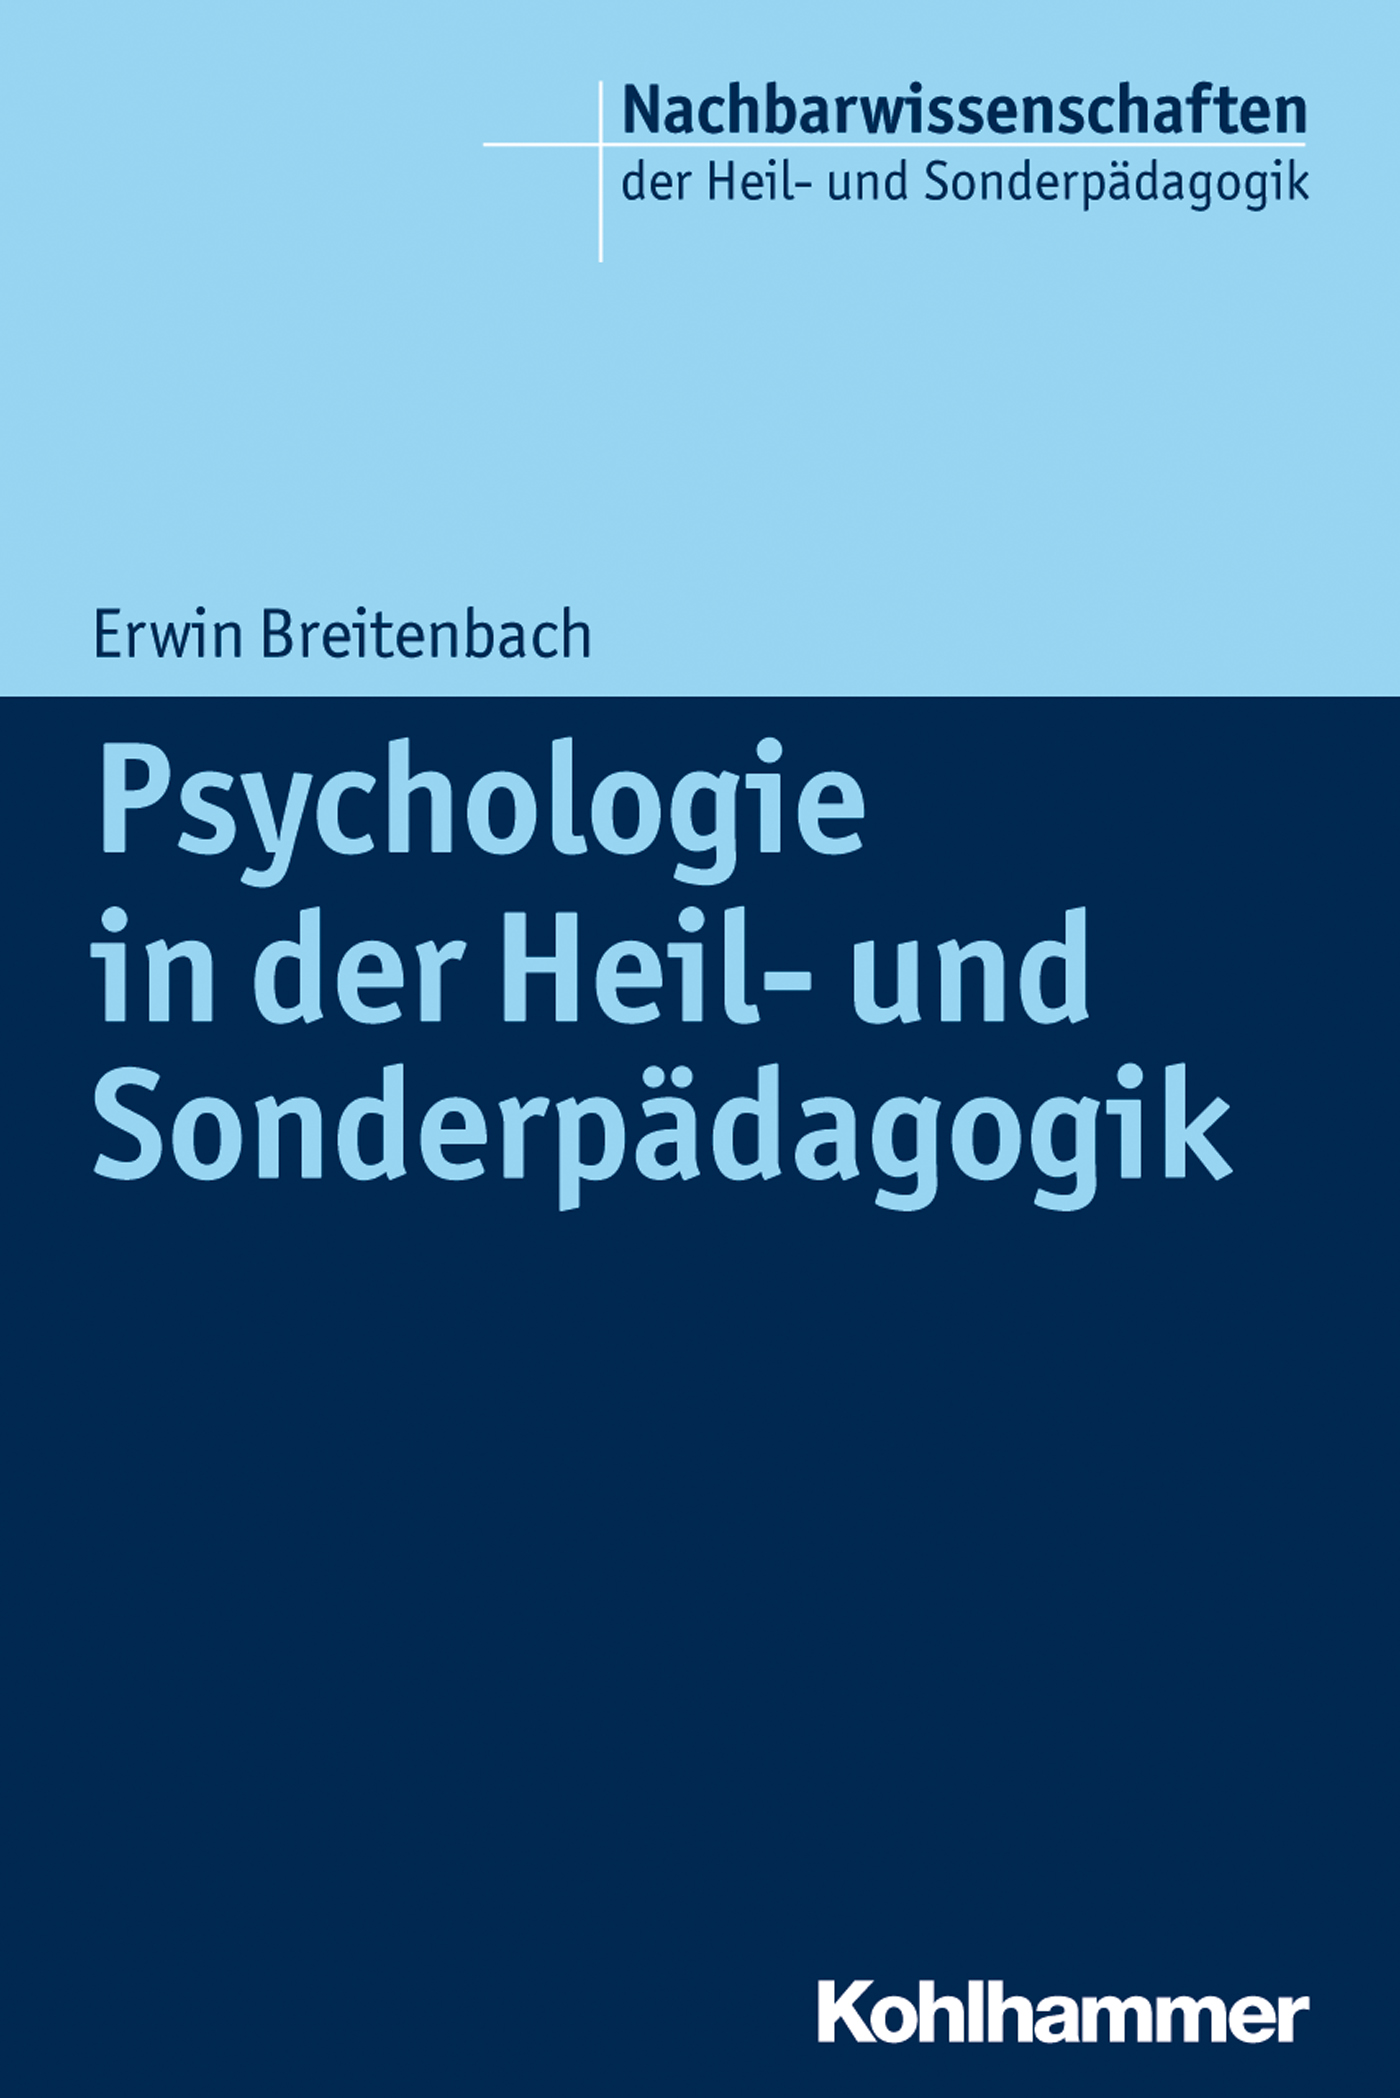 Erwin Breitenbach Psychologie in der Heil- und Sonderpädagogik